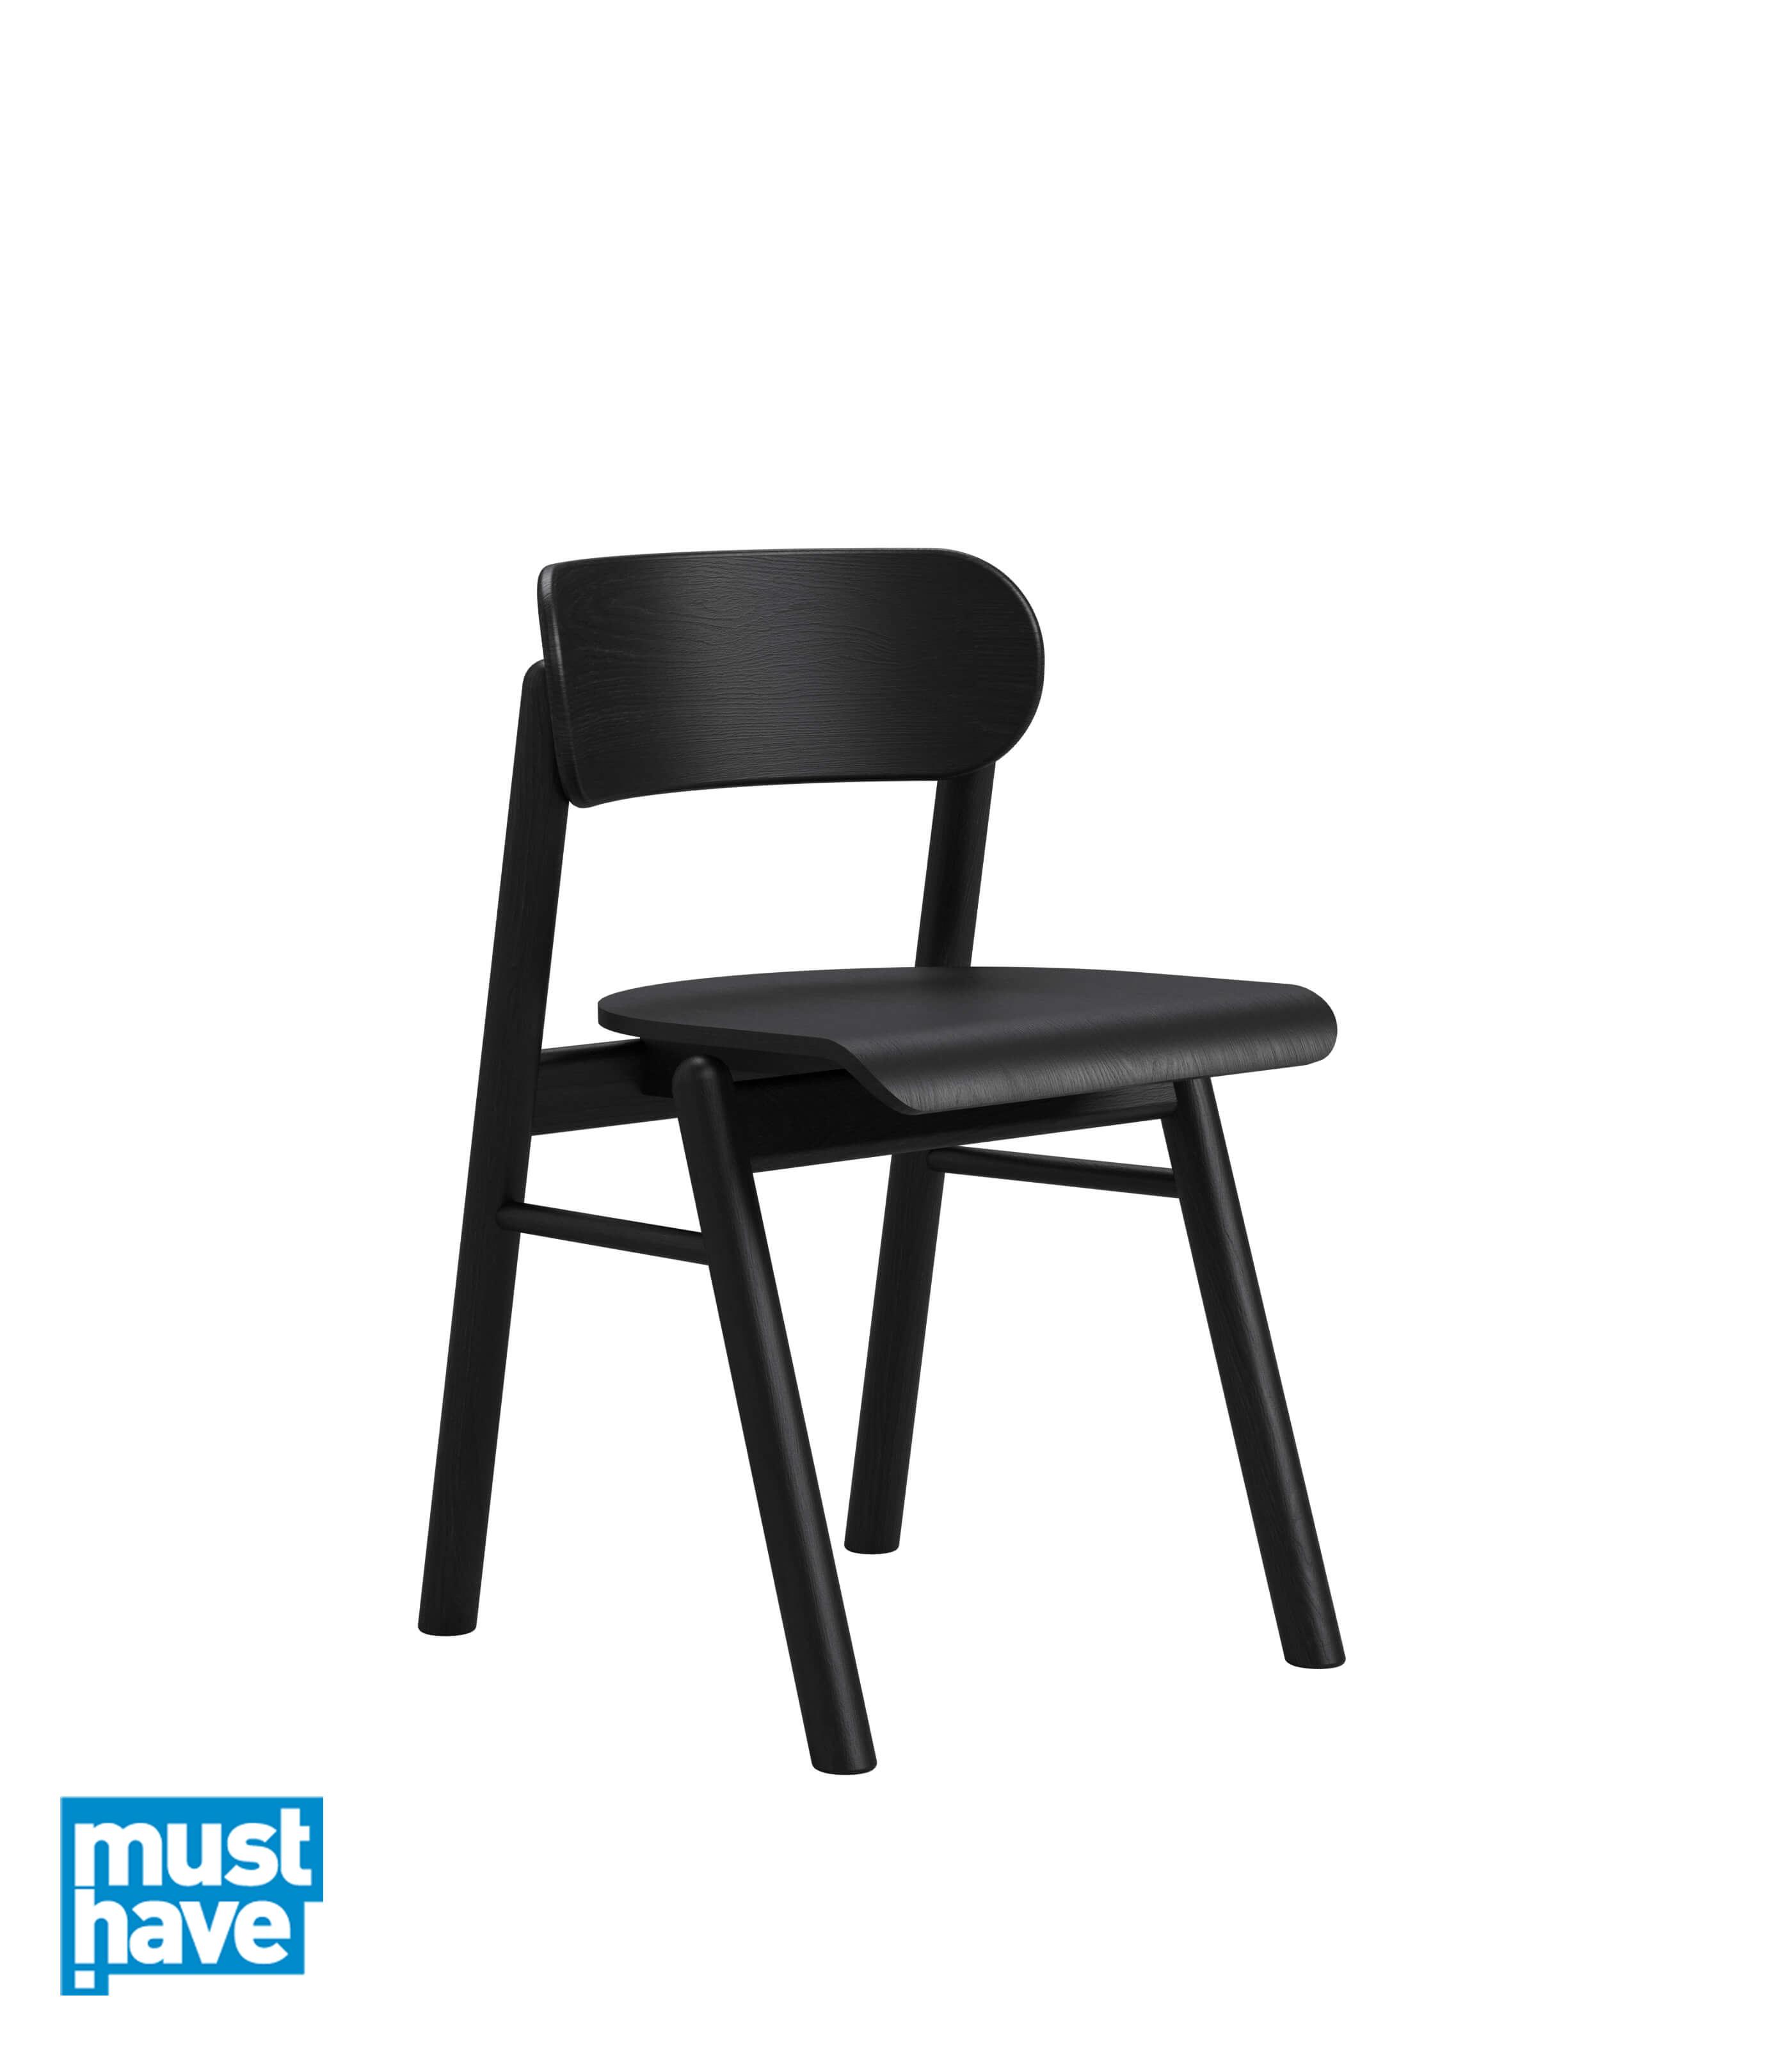 czarne krzeslo debowe nowoczesne